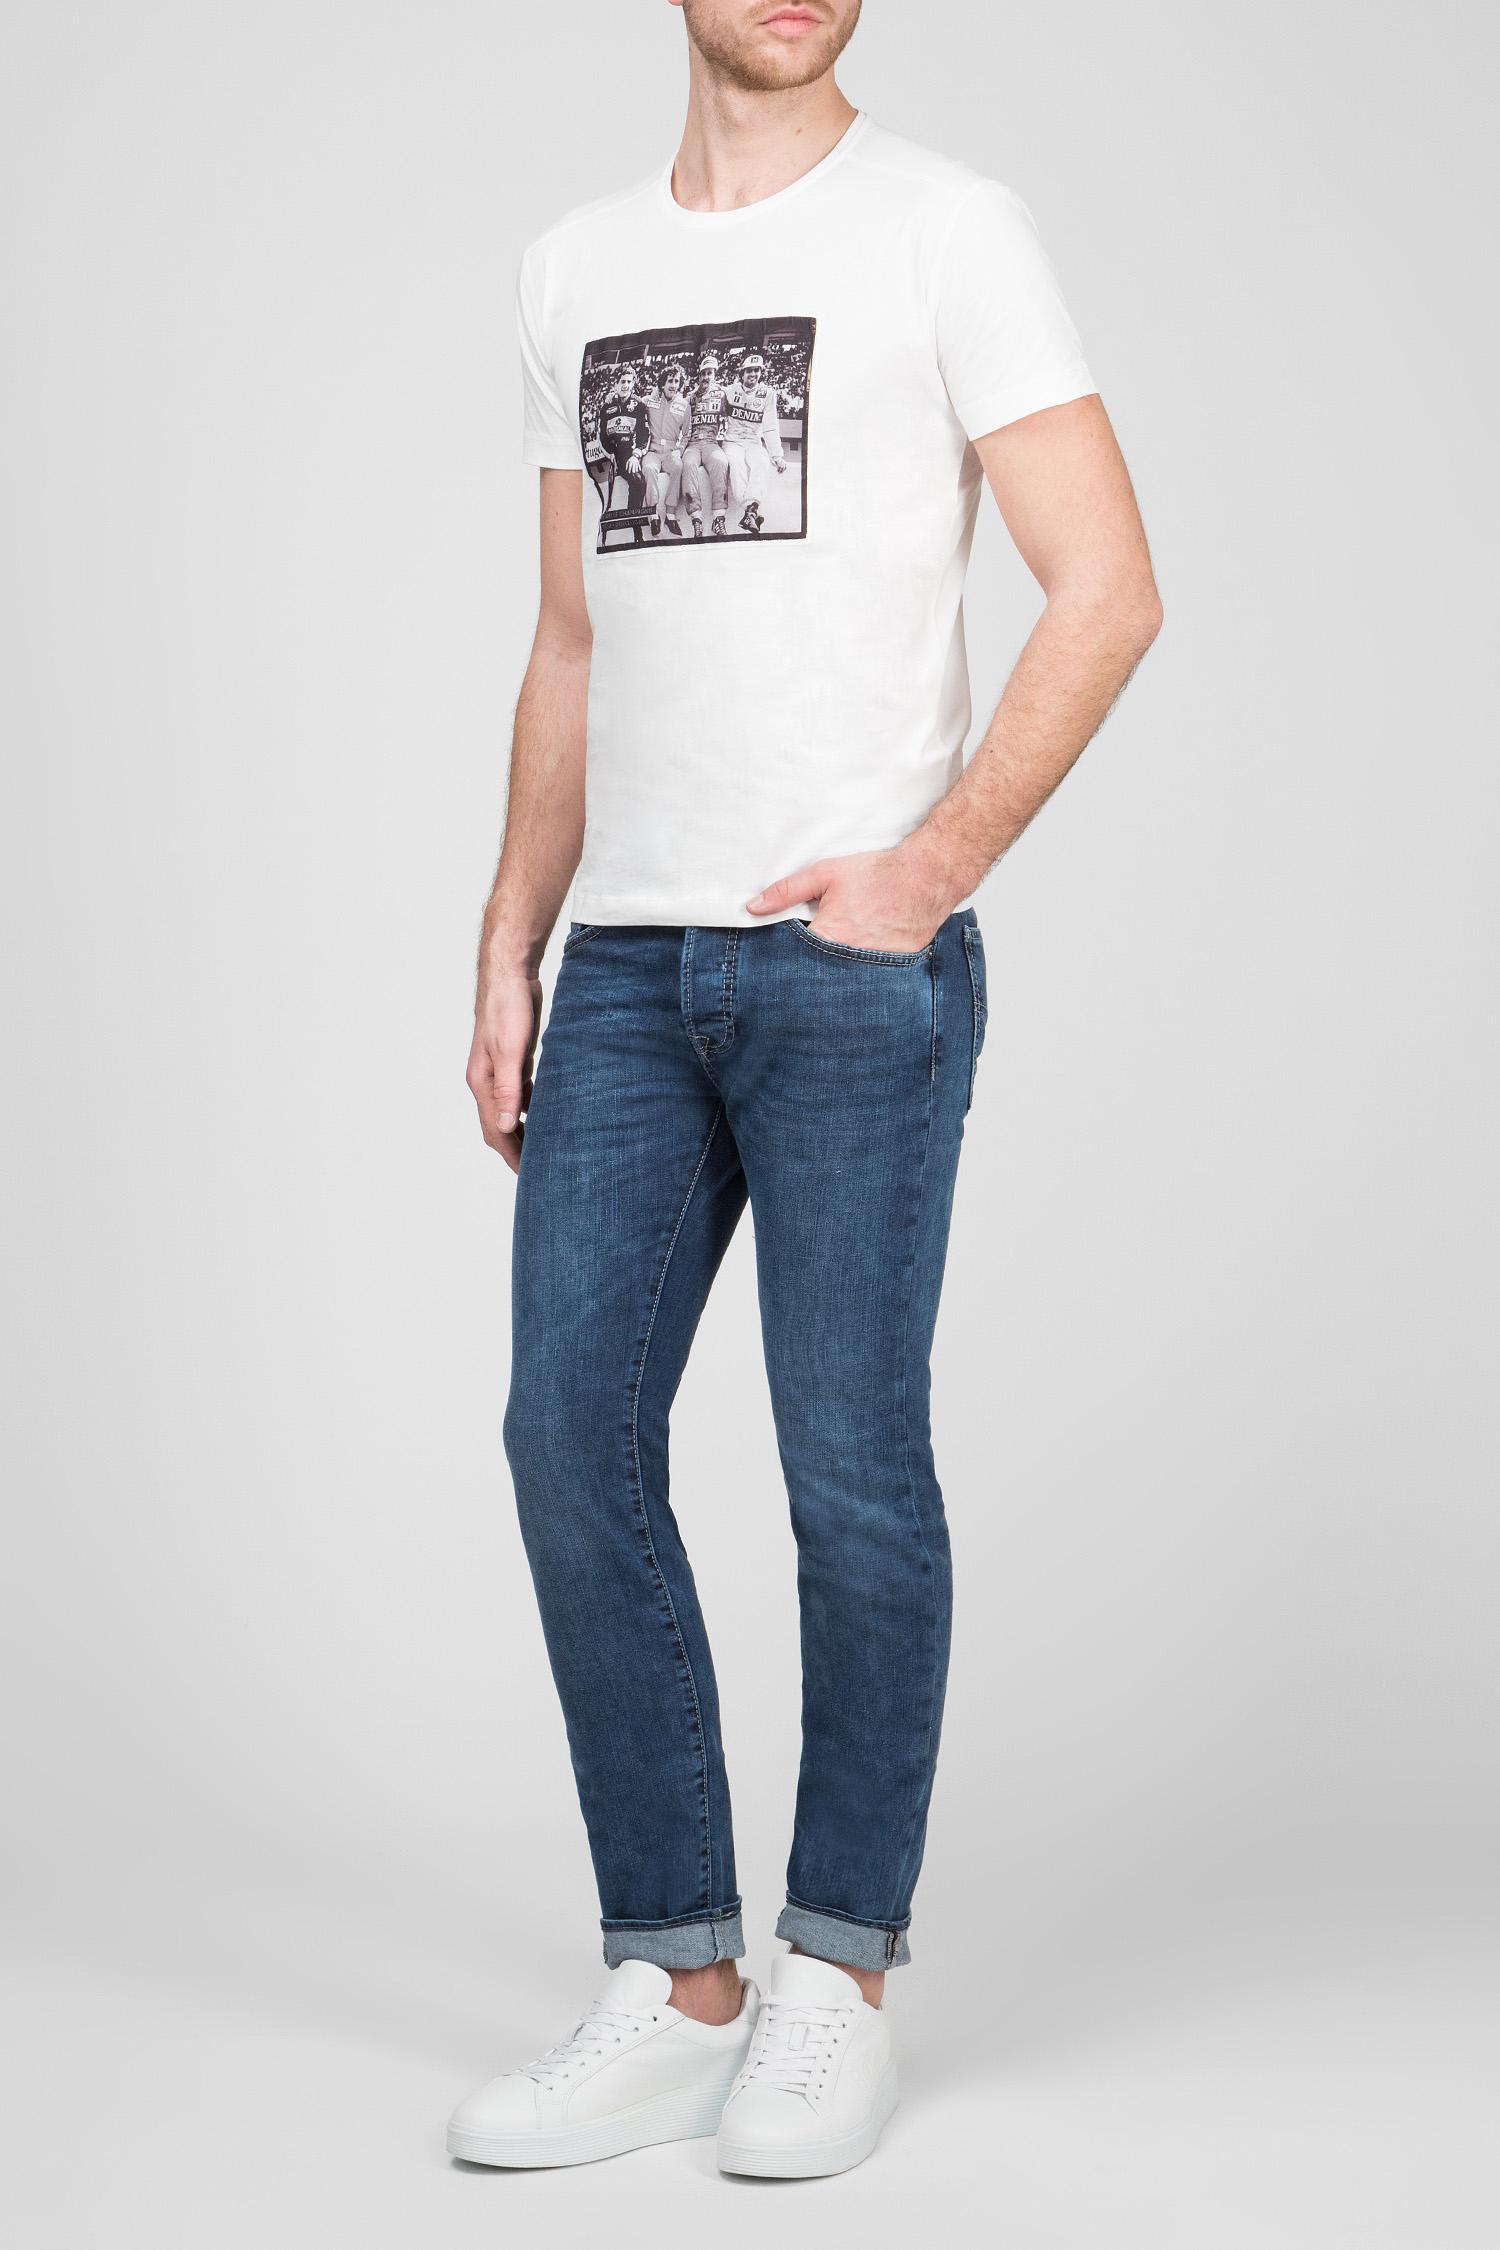 Купить Мужские синие джинсы ANDERS Gas Gas 94479-WK13 – Киев, Украина. Цены в интернет магазине MD Fashion